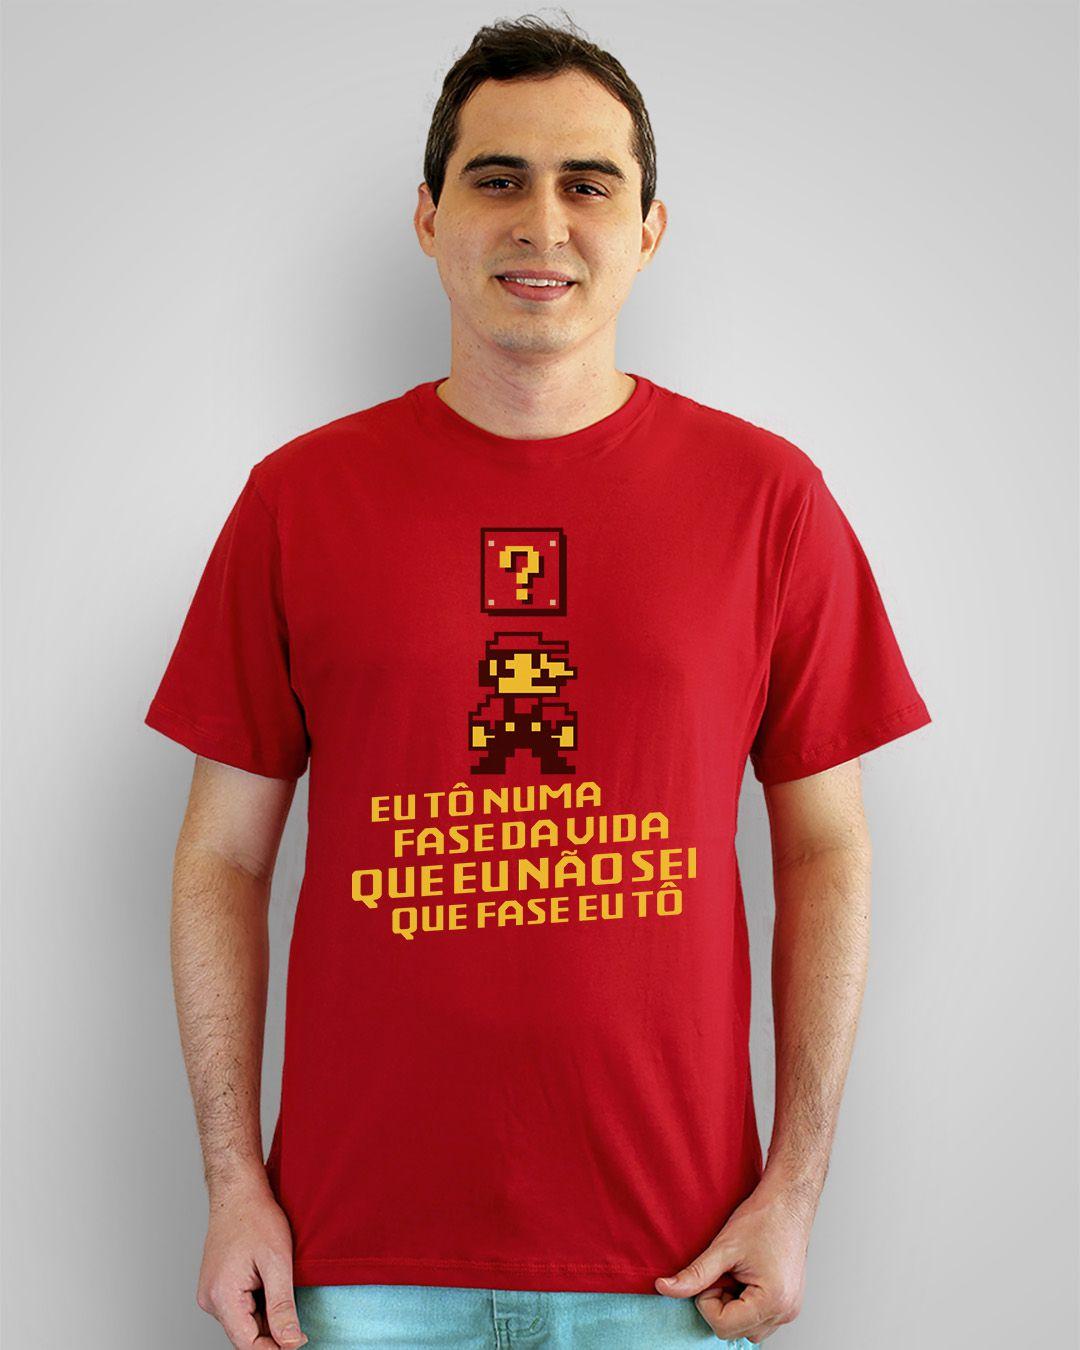 Camiseta Eu tô numa fase da vida, que eu não sei que fase eu tô